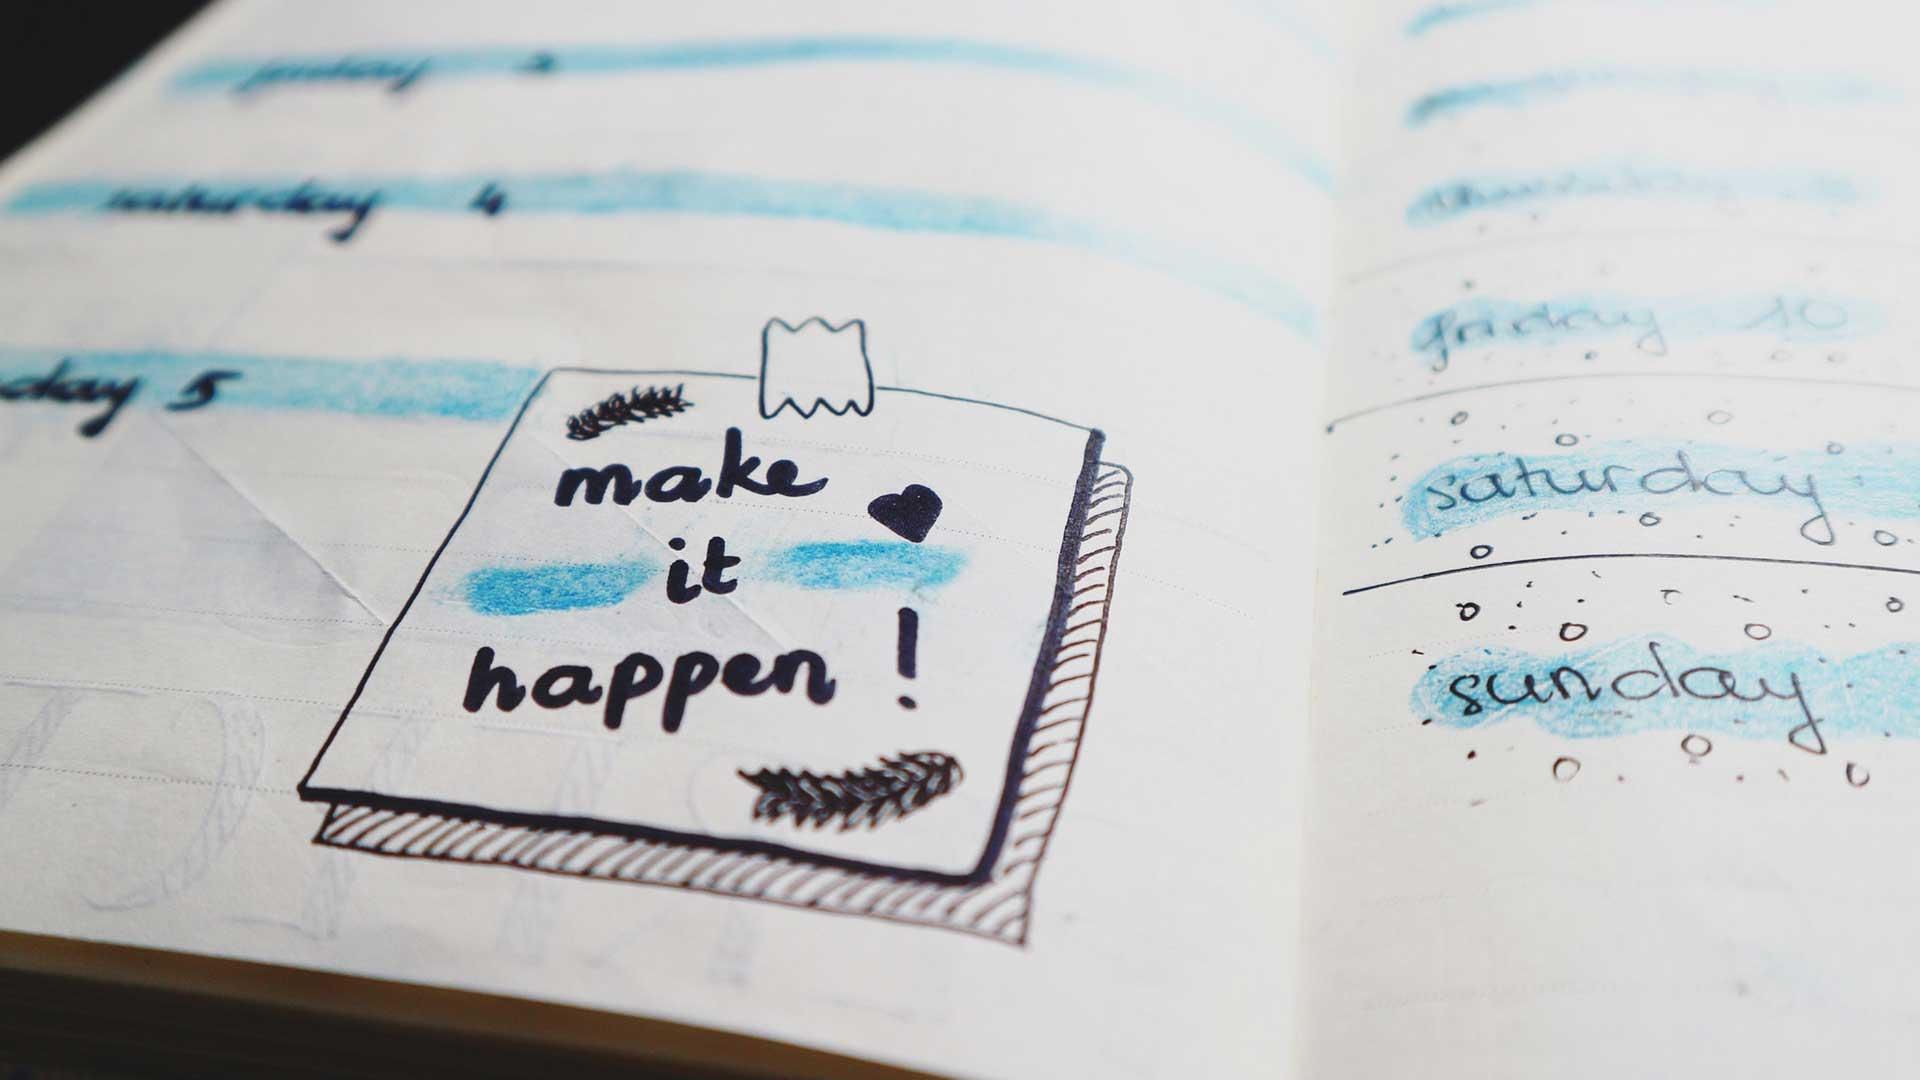 Dicas de Como Planejar Metas Para o Futuro